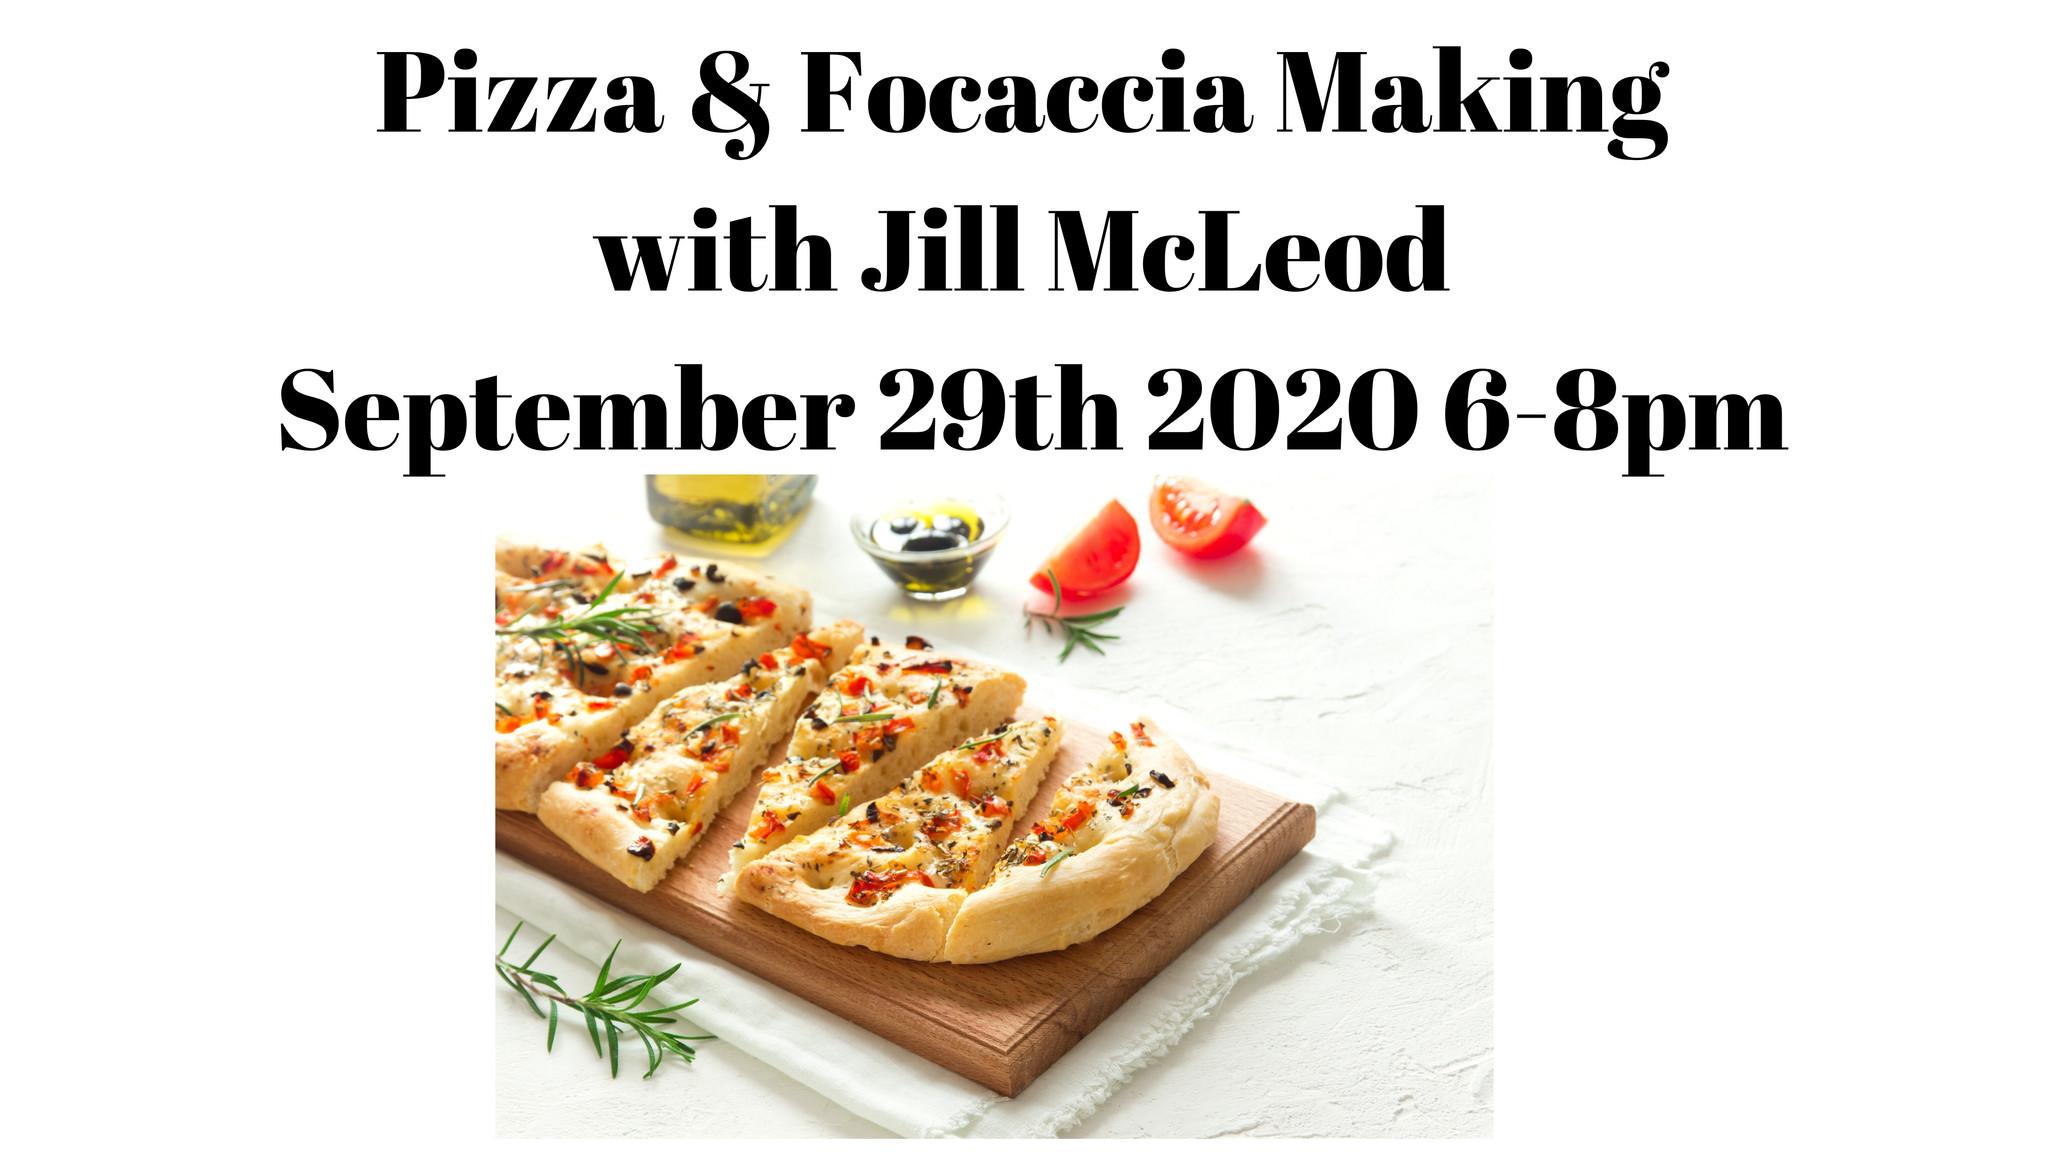 Pizza & Focaccia